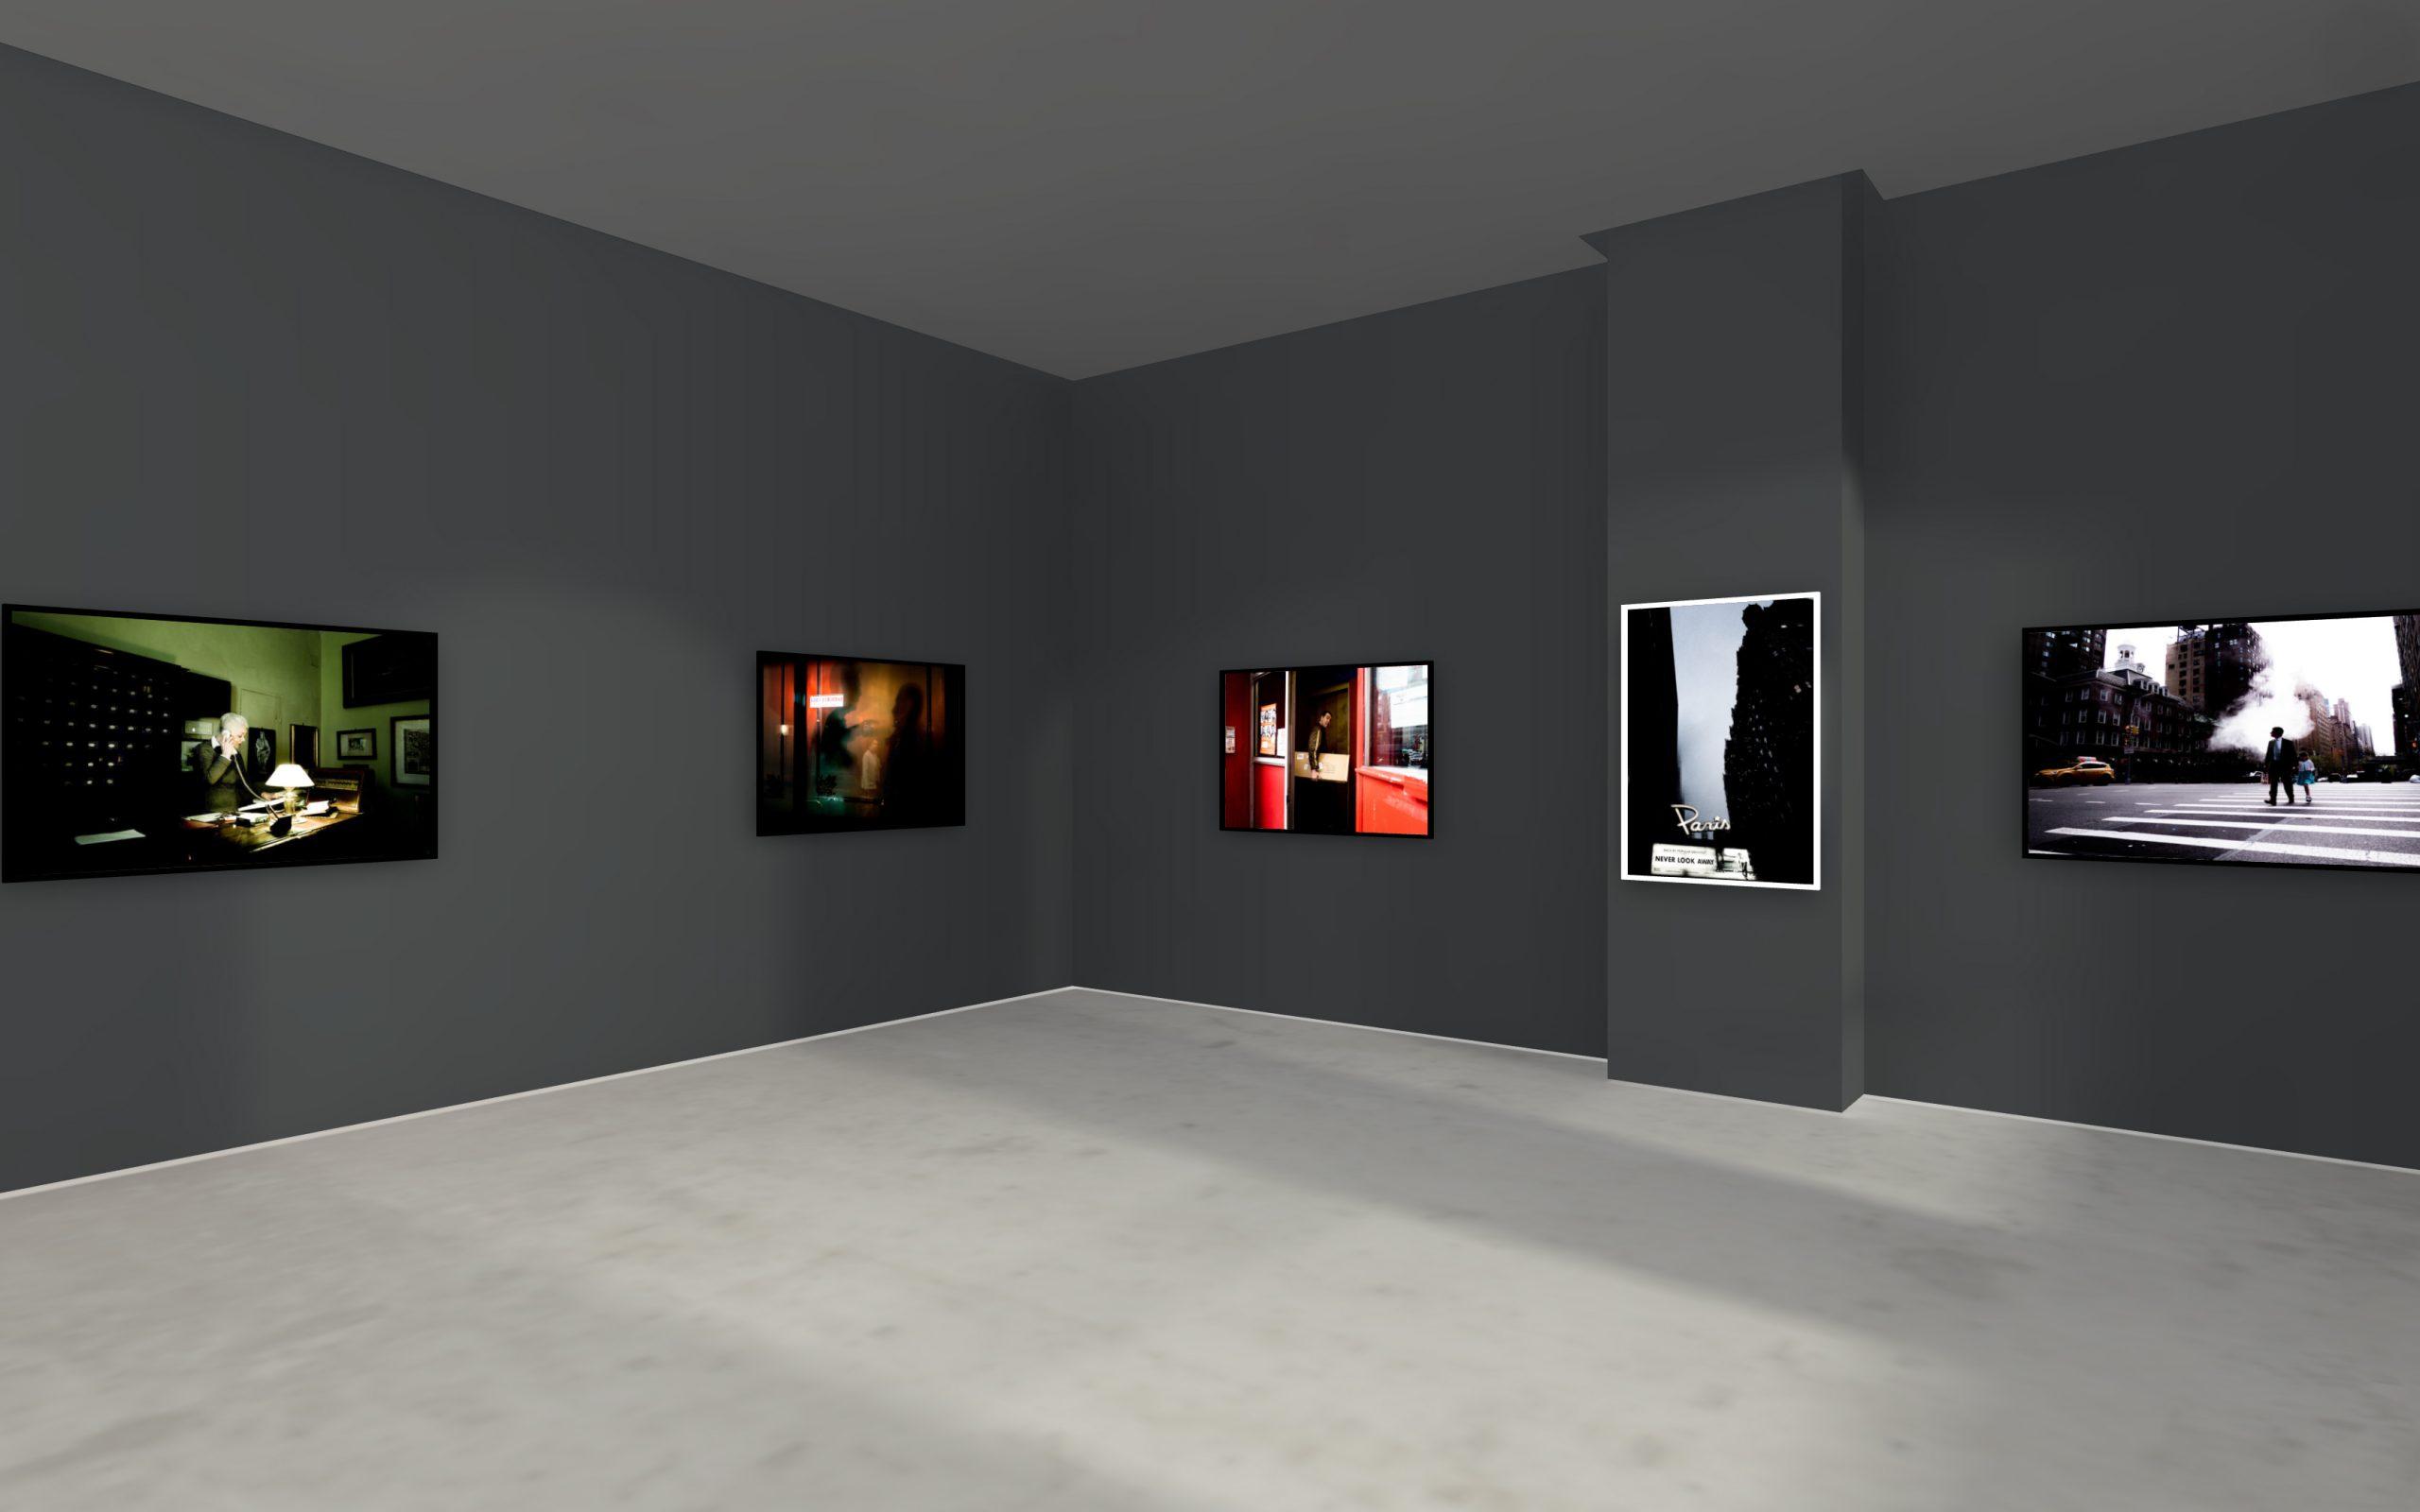 Giorgio Galimberti - mostra digitale CasaGalleria MonteGeneroso